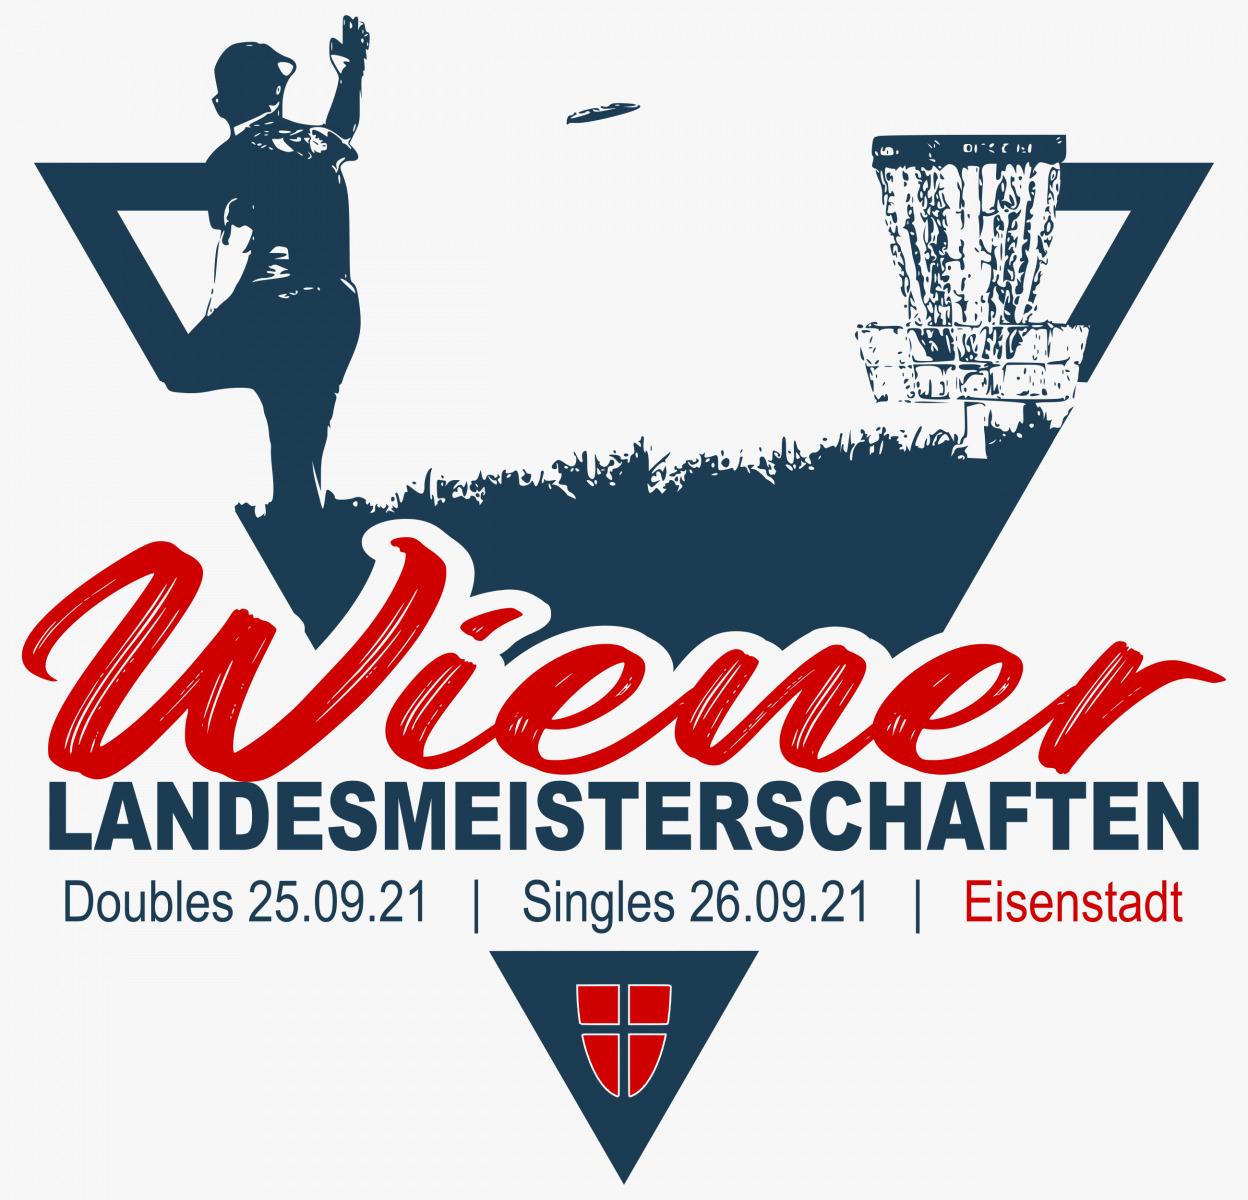 Wiener Discgolf Landesmeisterschaft 2021